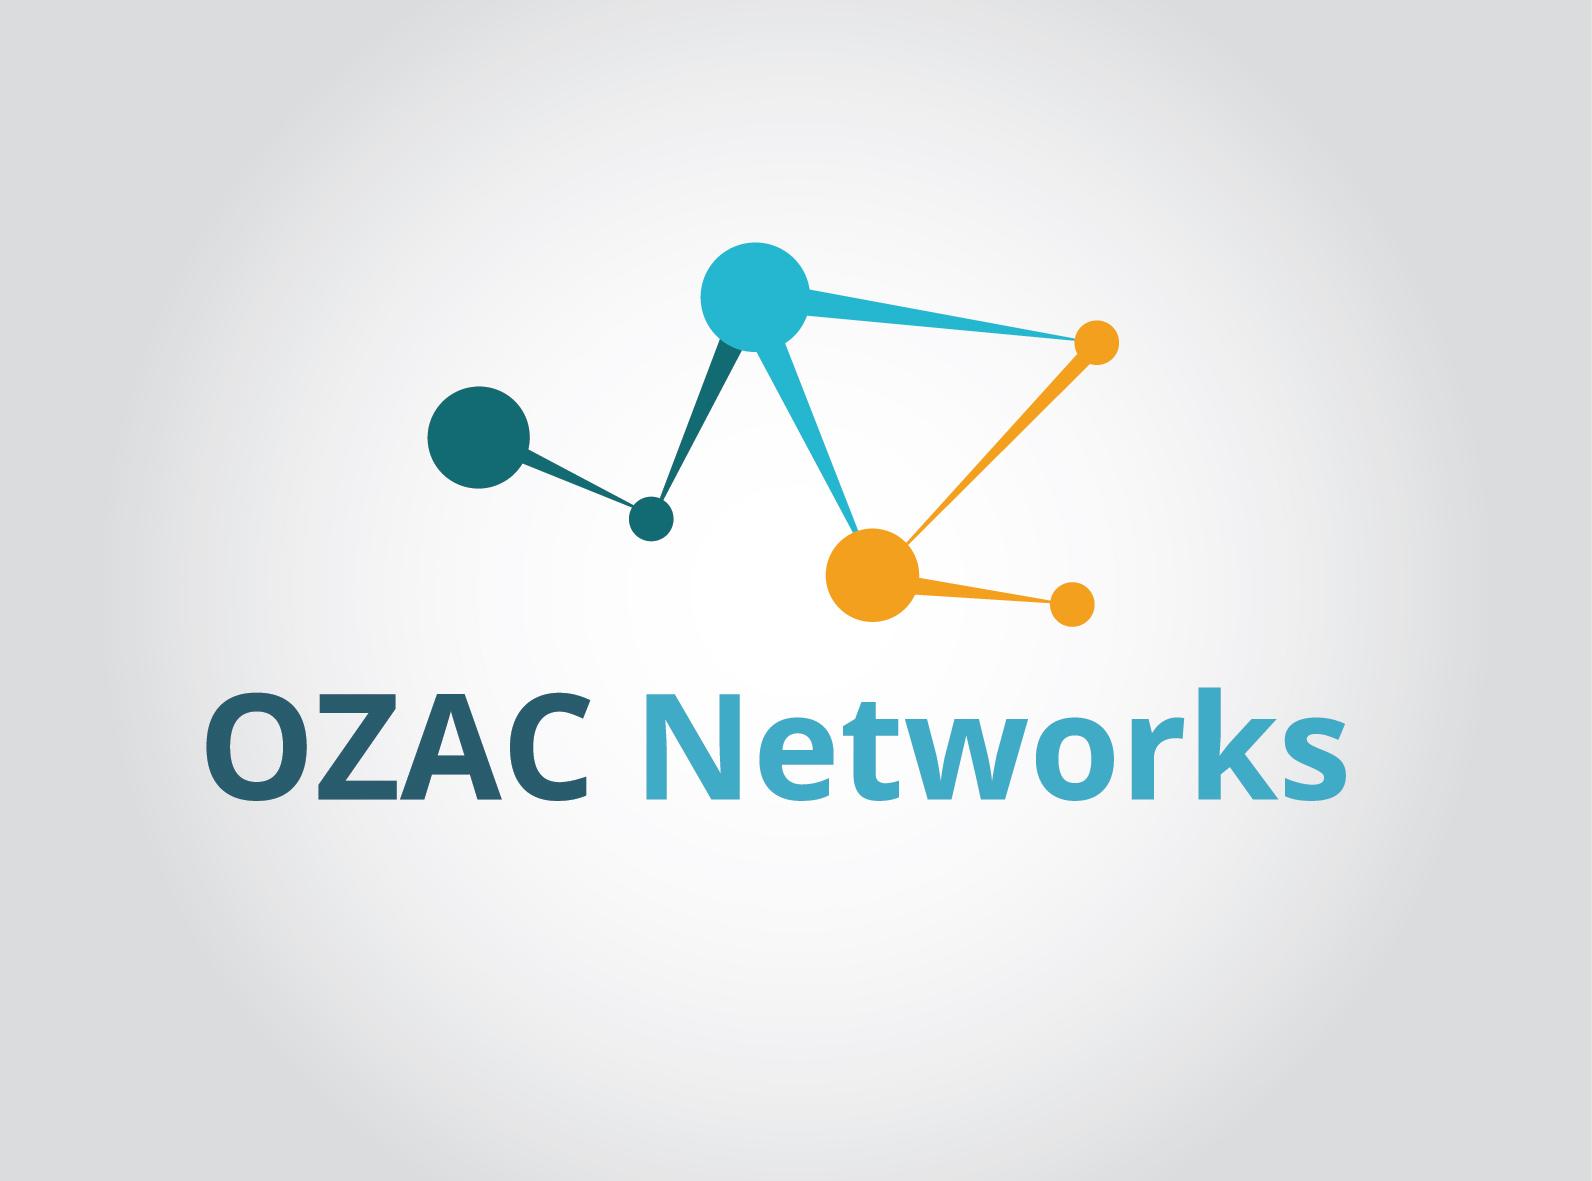 OZAC Networks